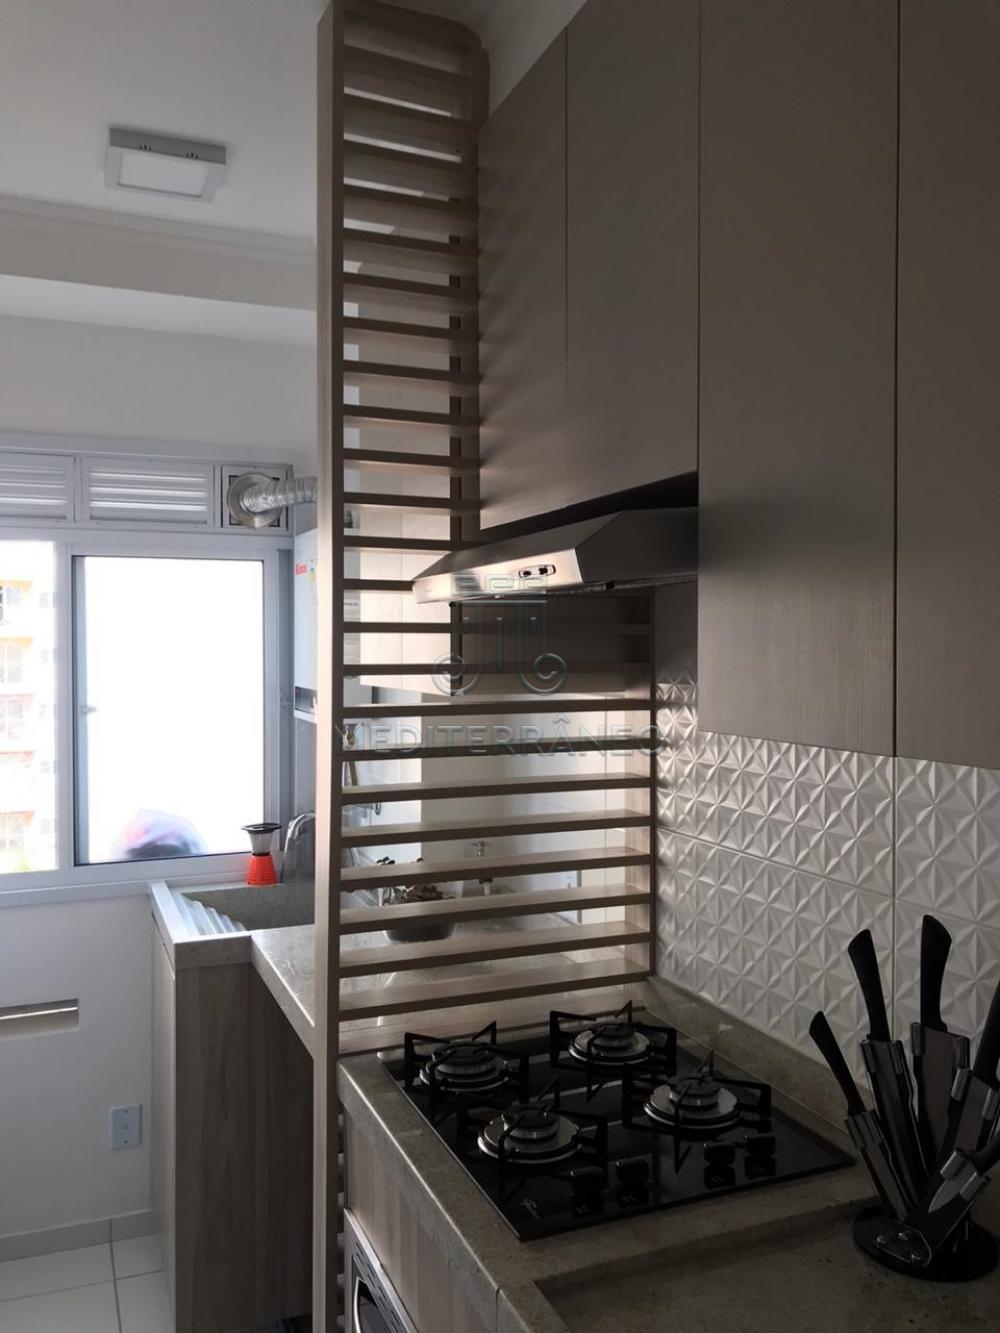 Comprar Apartamento / Padrão em Jundiaí apenas R$ 290.000,00 - Foto 16